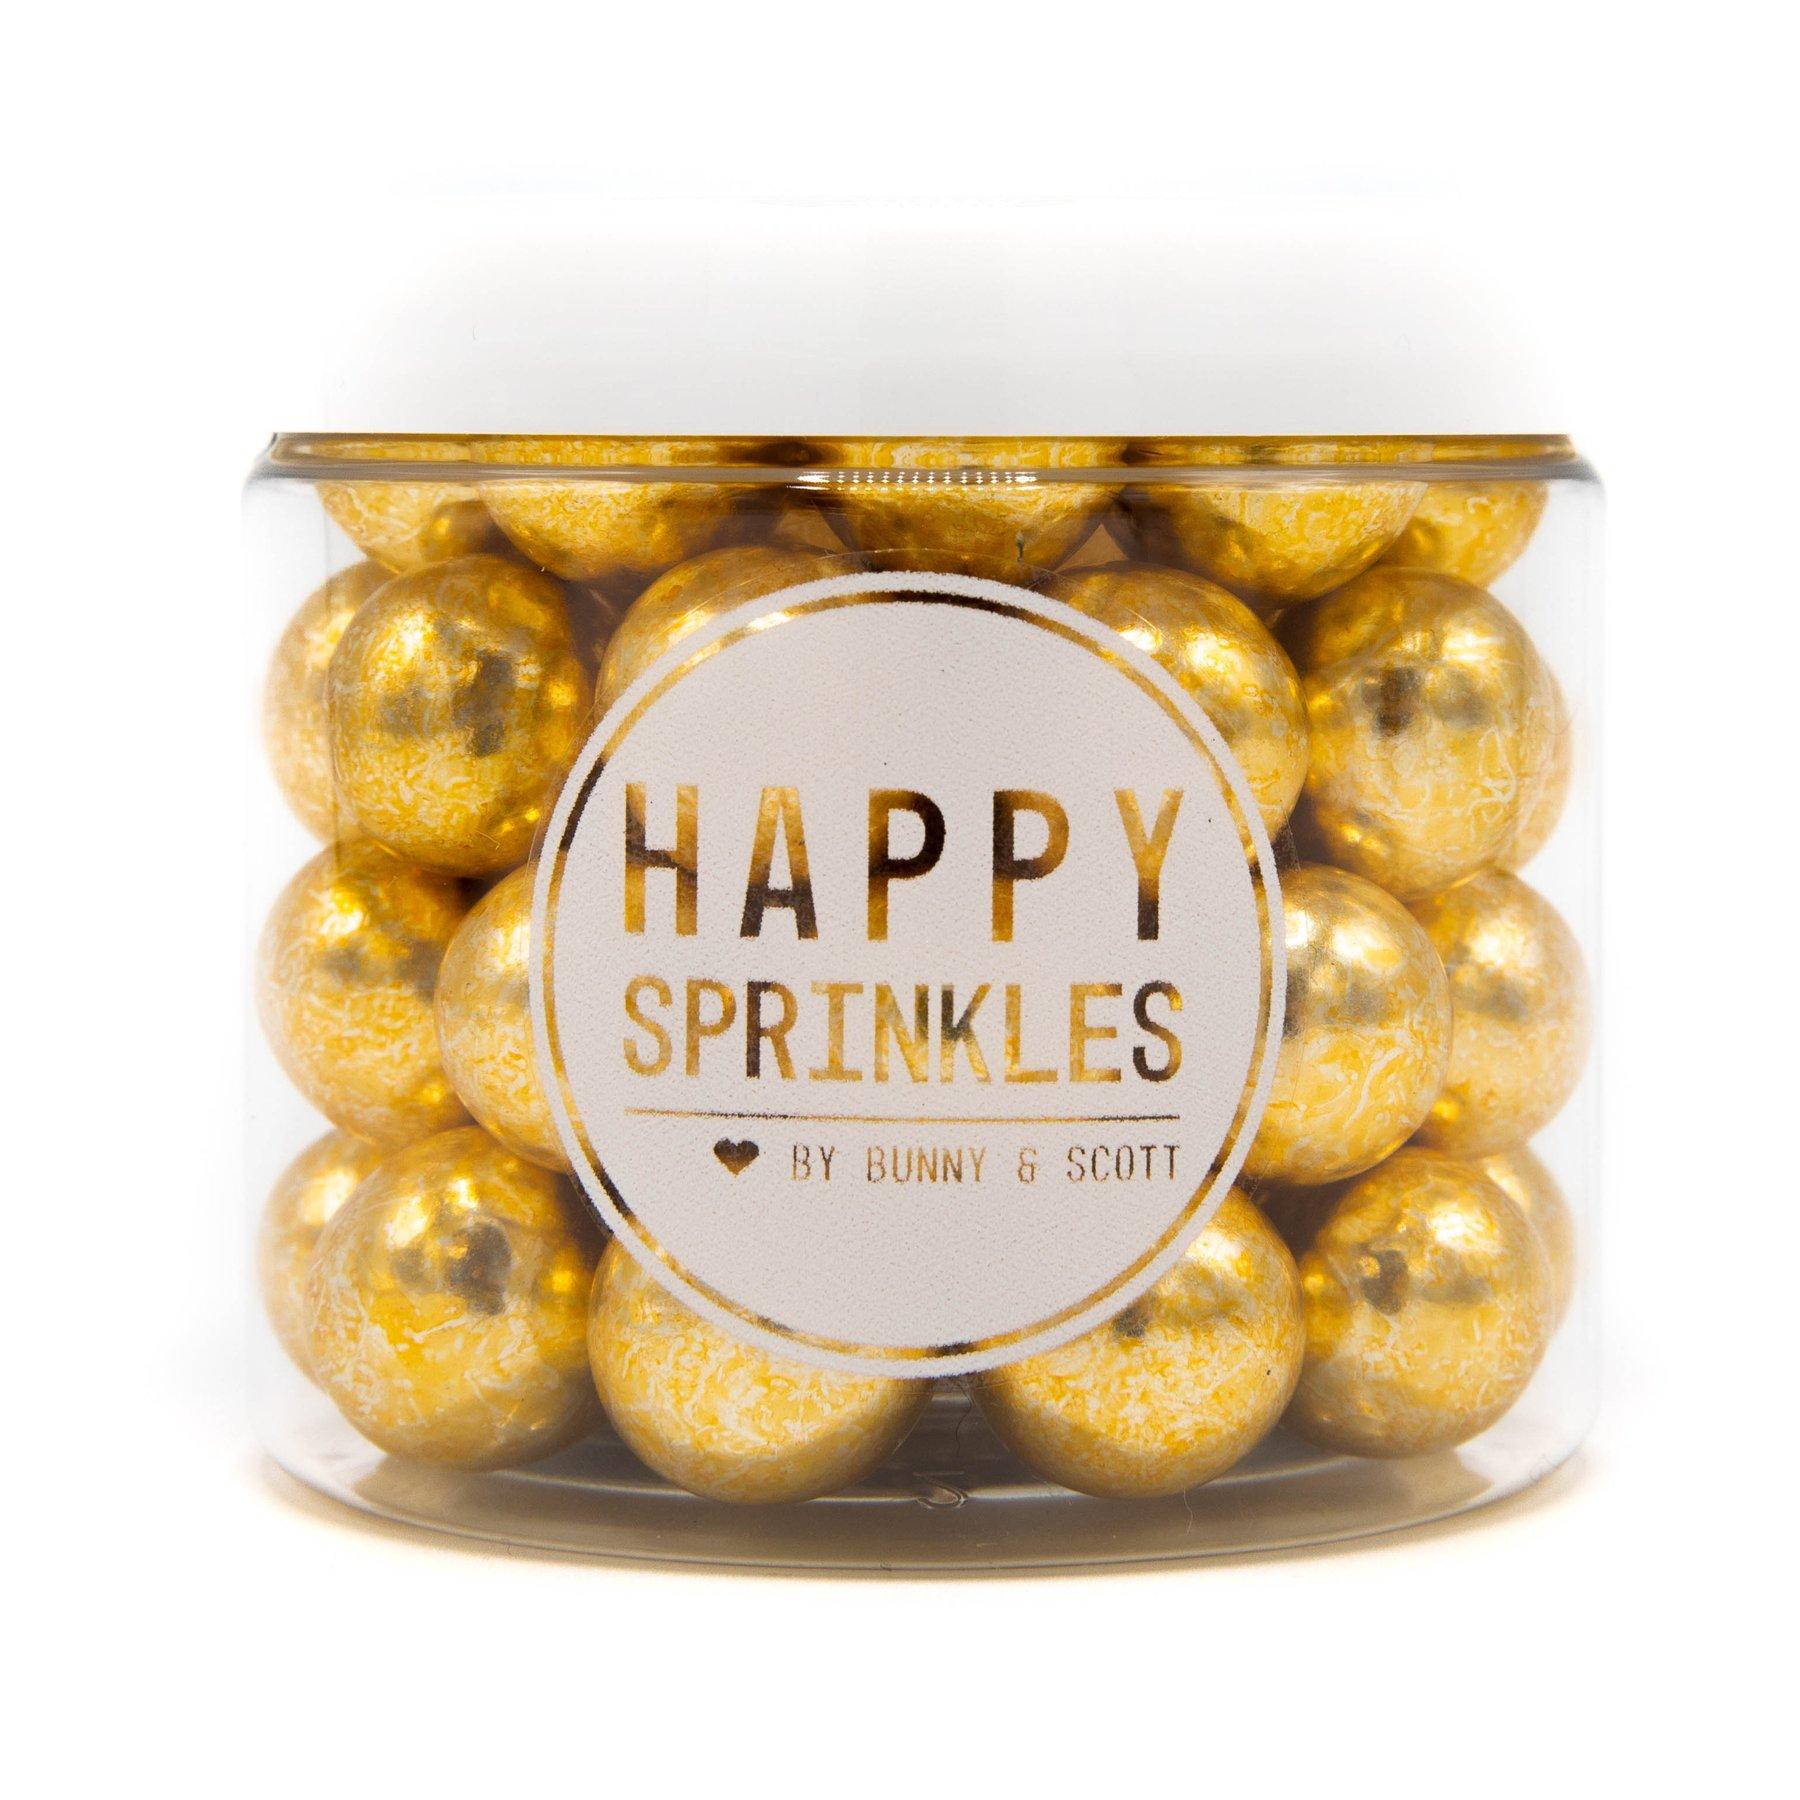 Imagen de producto: https://tienda.postreadiccion.com/img/articulos/secundarias13661-vintage-gold-choco-crunch-de-happy-sprinkles-130-g-2.jpg